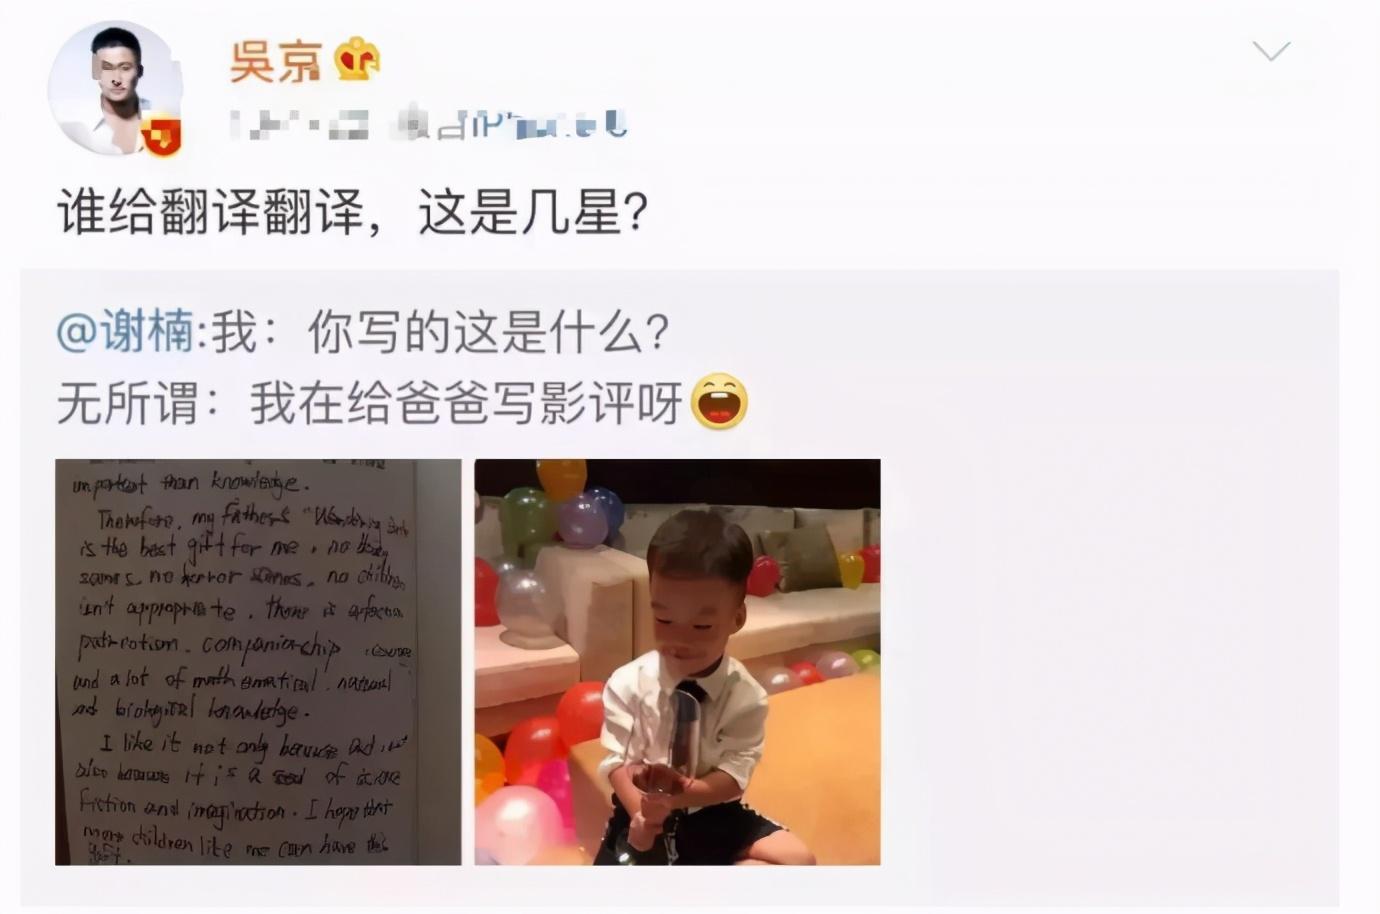 吴京儿子晒英文影评上热搜,网友:我们连个孩子都不如